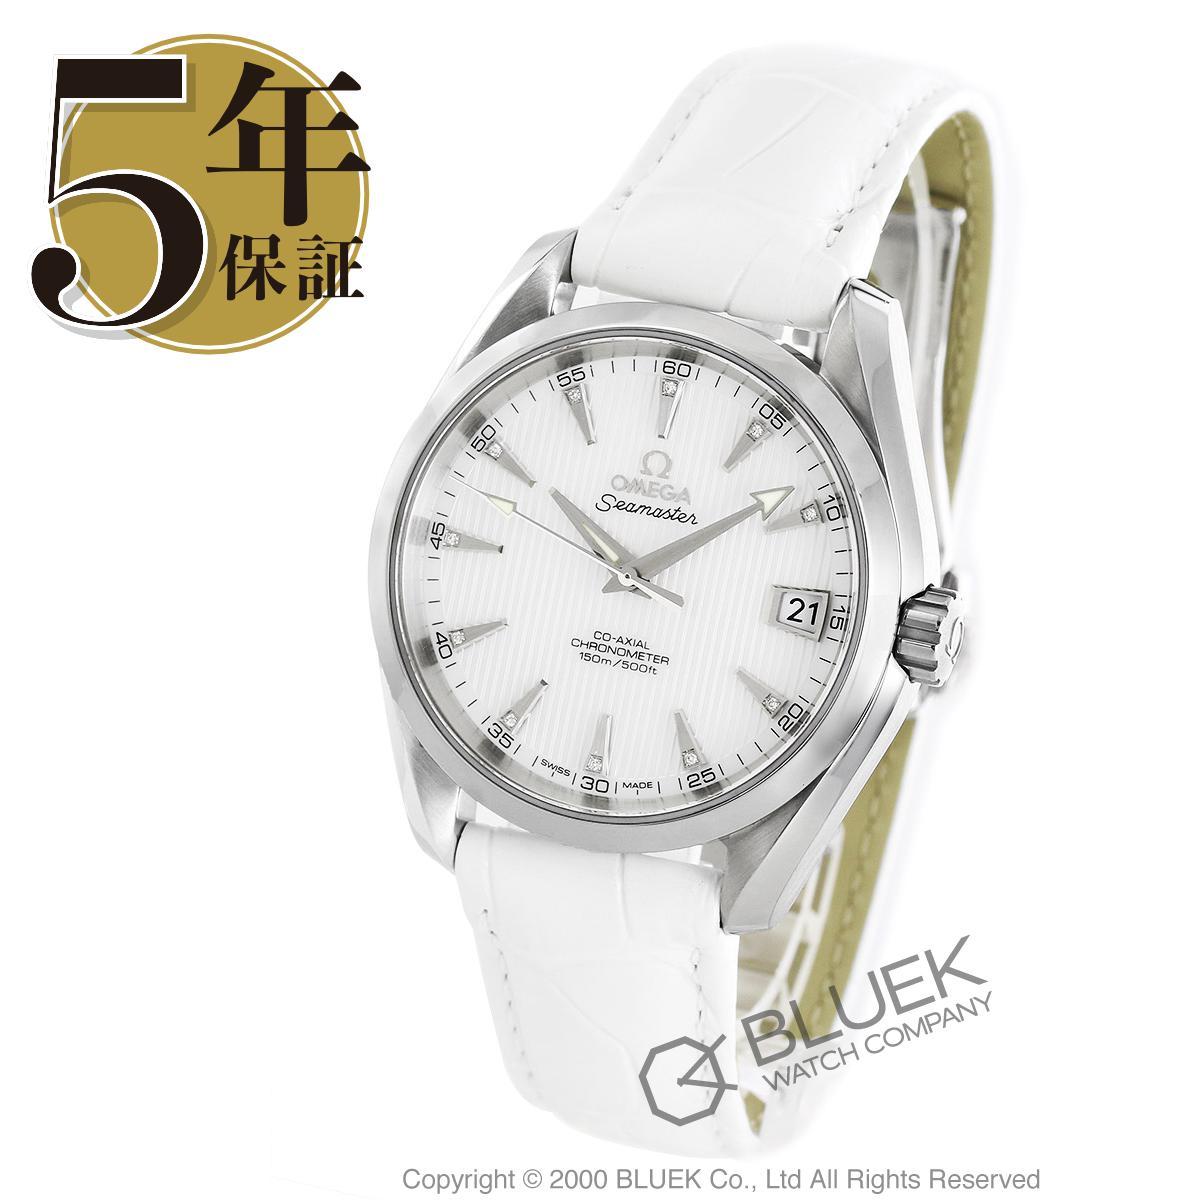 オメガ シーマスター アクアテラ ダイヤ アリゲーターレザー 腕時計 メンズ OMEGA 231.13.39.21.55.001_8